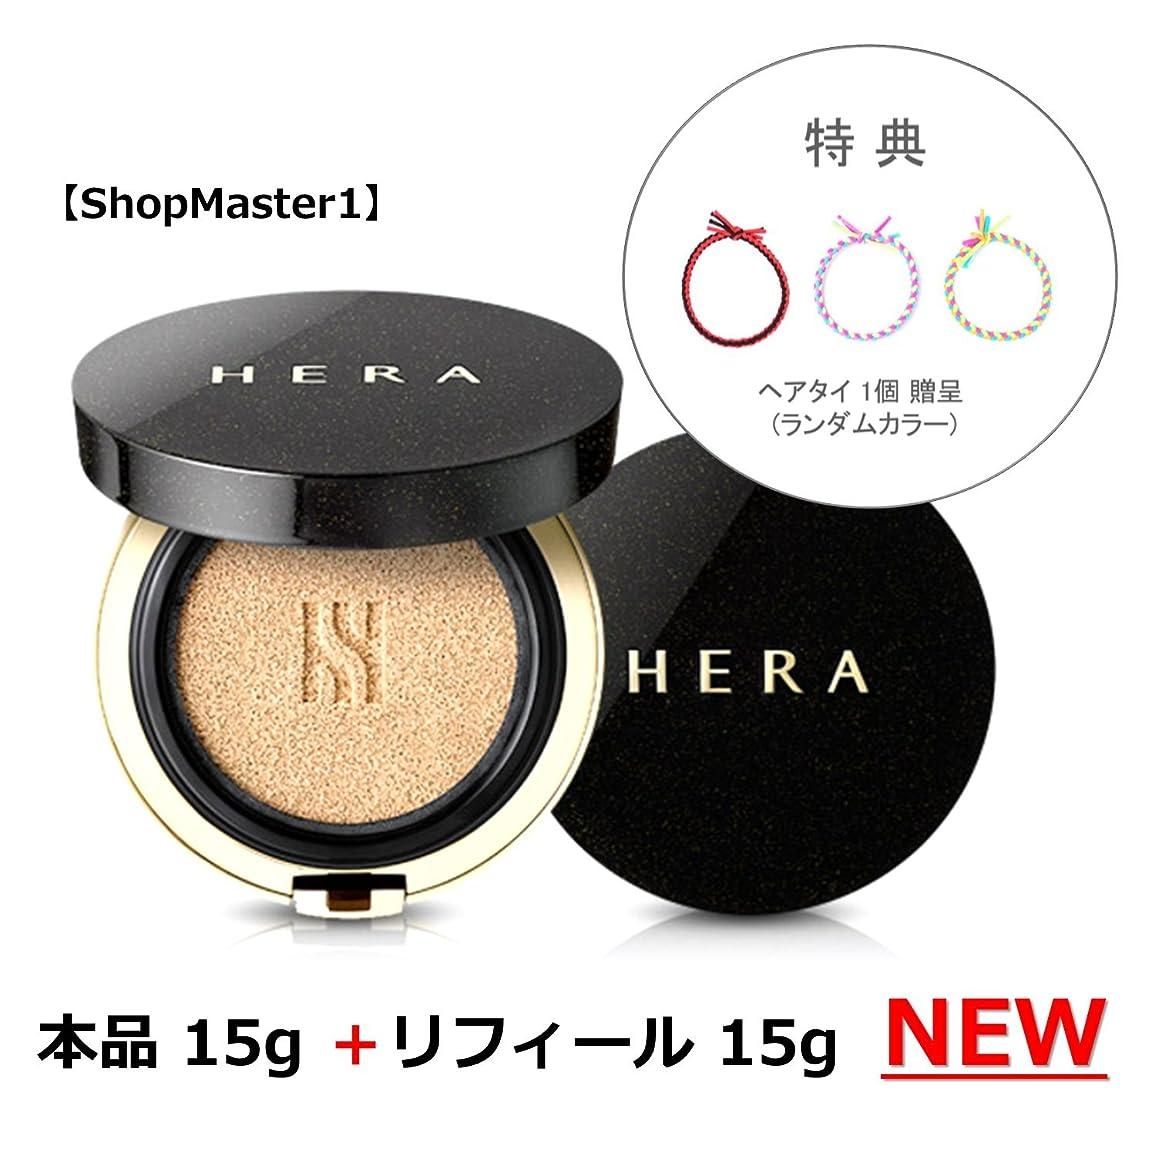 受取人パックブースト【NEW】【Hera ヘラ】ブラッククッション SPF34/PA++ 本品15g+リフィール15g / Black Cushion SPF34/PA++ 15g+Refil15g / 海外直送品 / 特典 ヘアタイ贈呈 (No.17 Rose Vanilla) [並行輸入品]